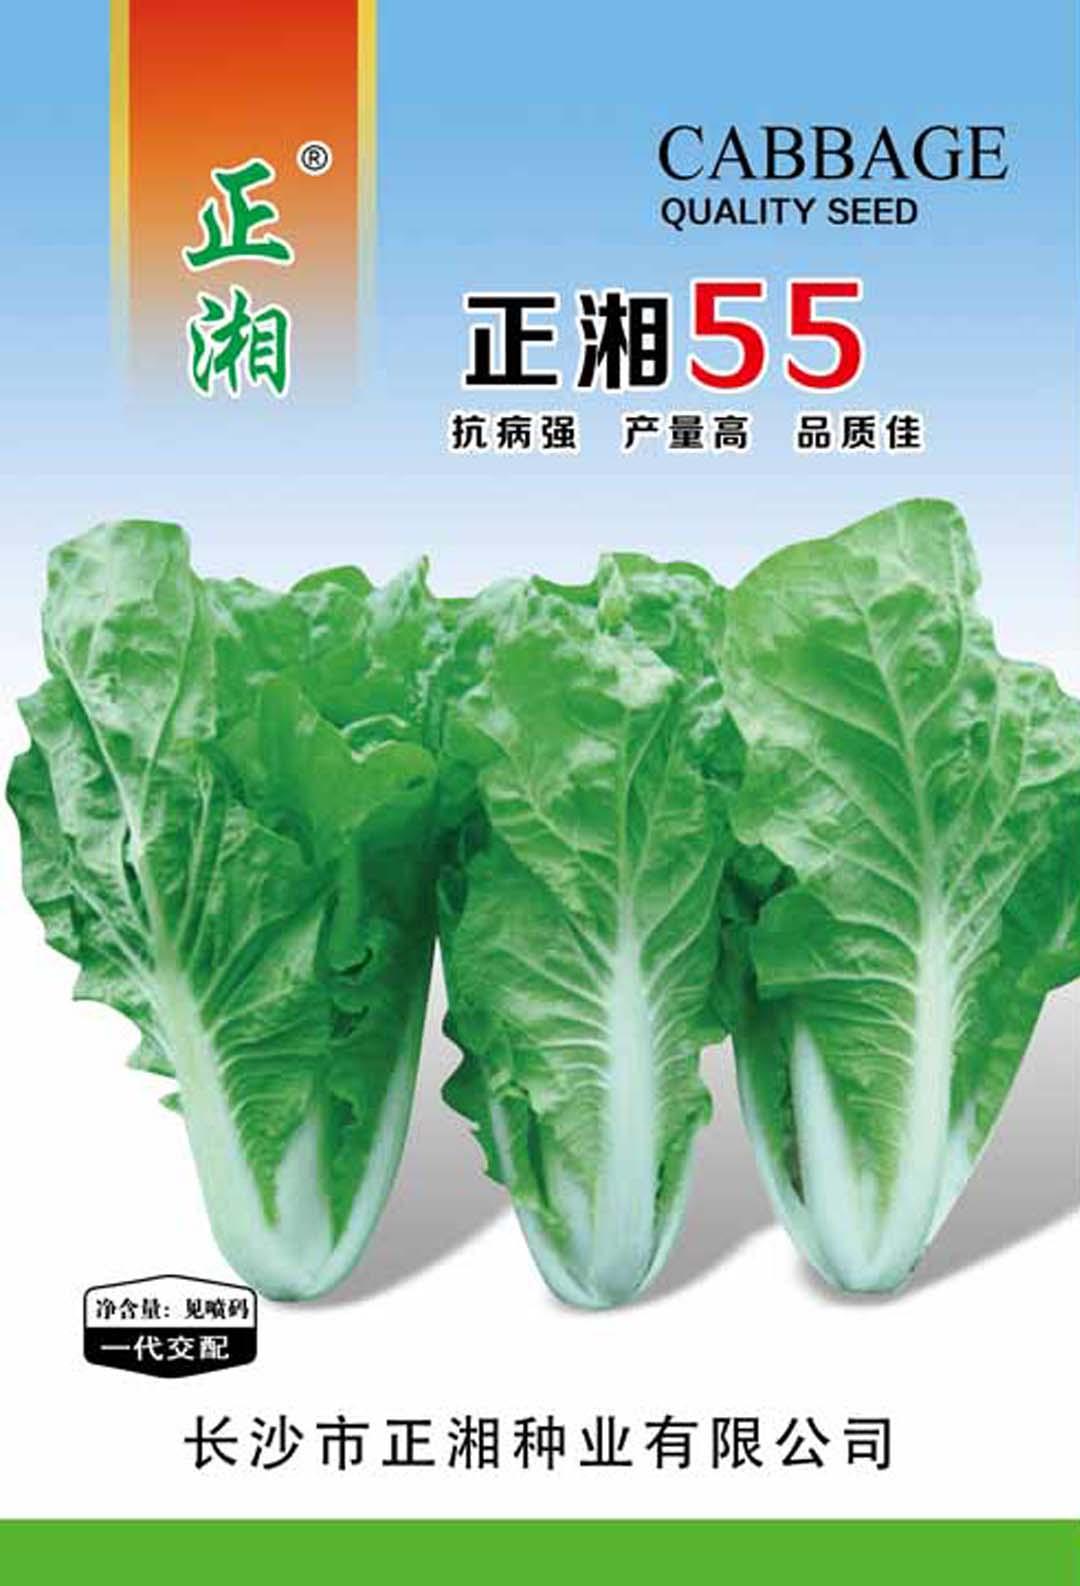 亚虎app网页版55白菜亚虎国际 唯一 官网